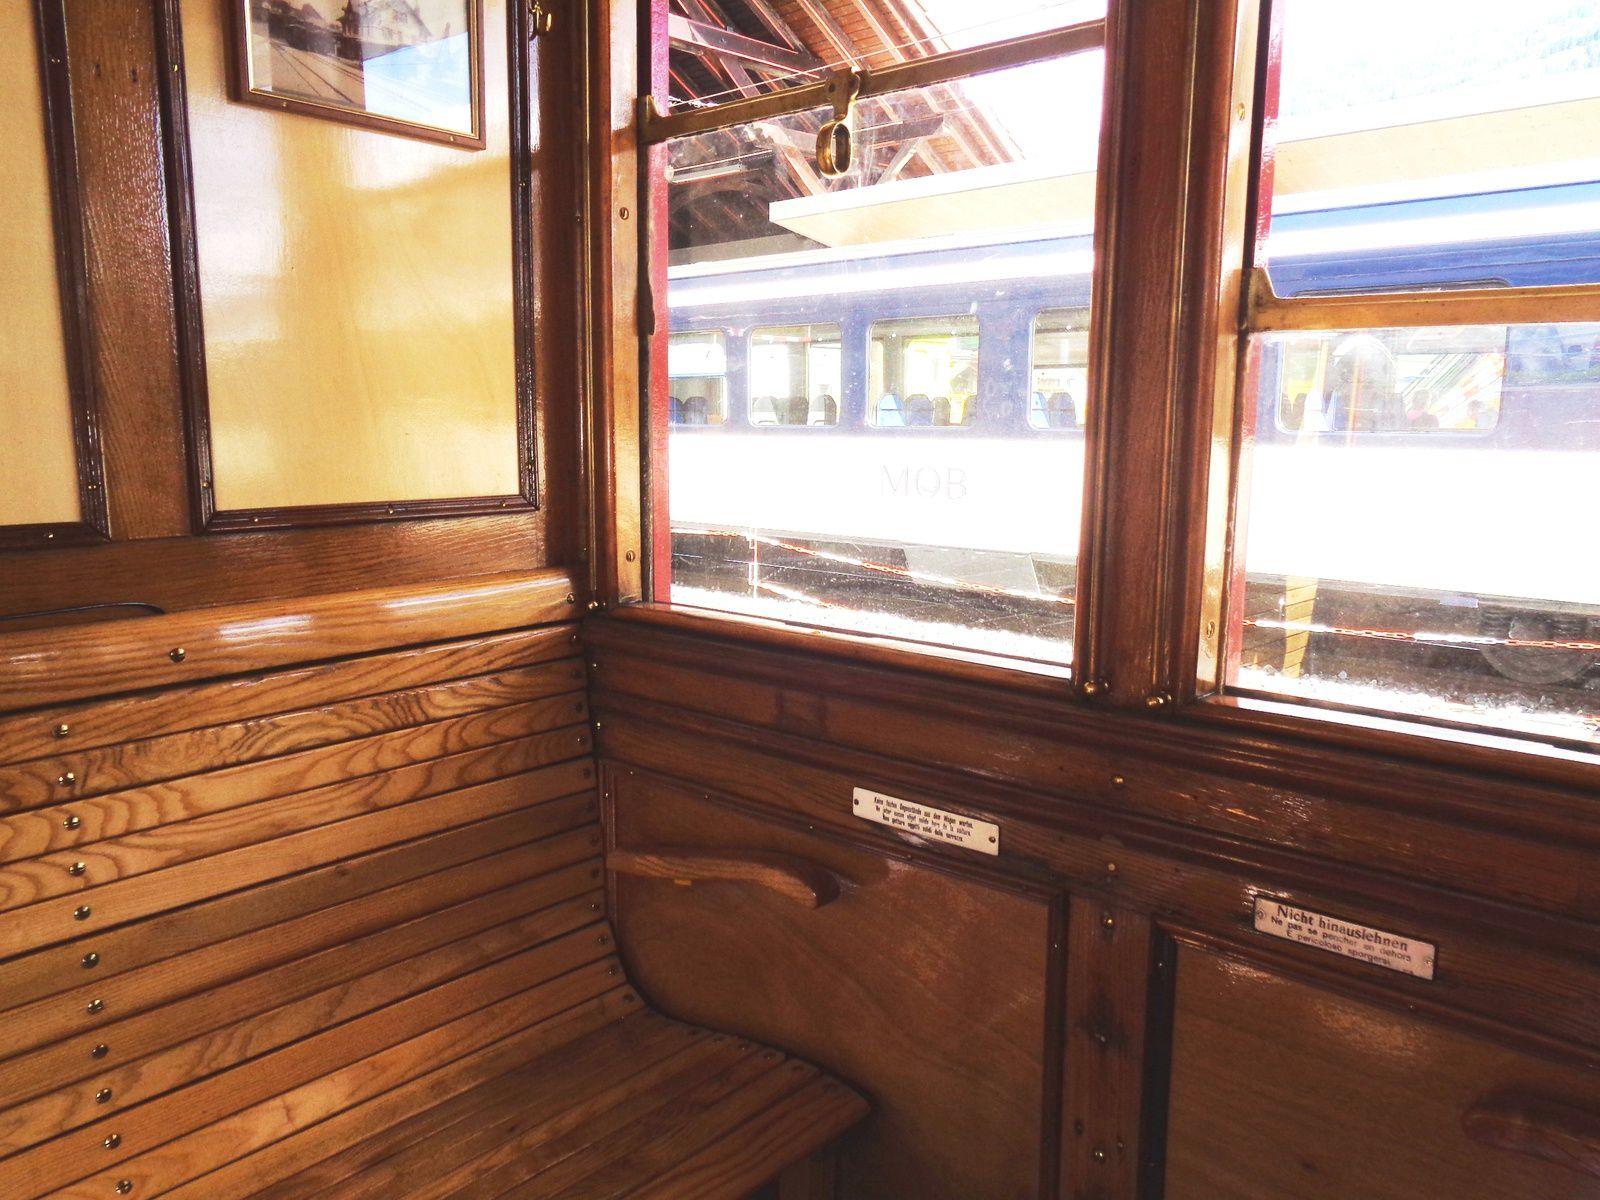 Rencontres autour de Sherlock Holmes : conférences, lamas et train à vapeur